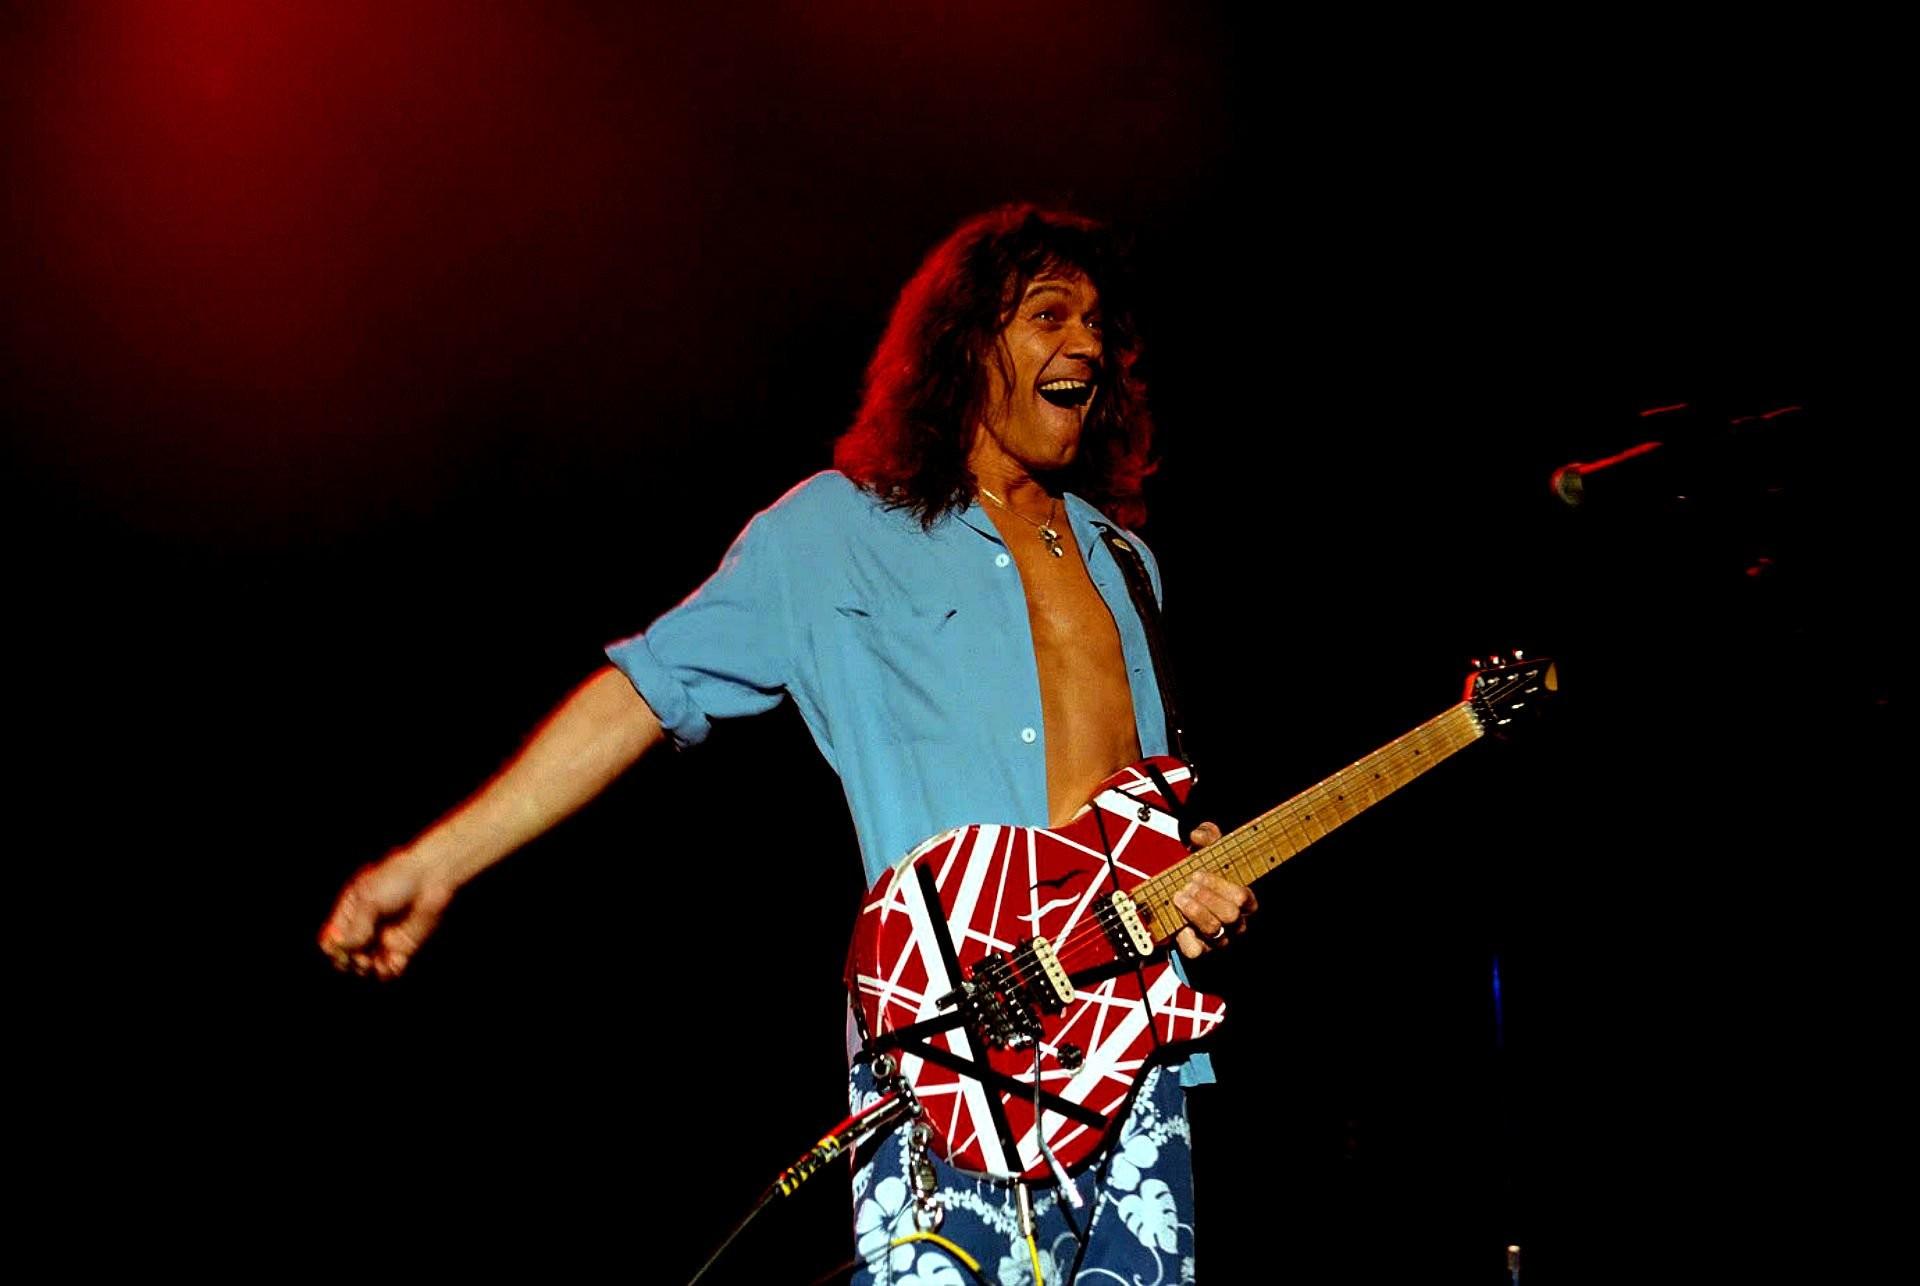 Eddie van halen photos recent Eddie Van Halen Pictures, Photos Images - Zimbio